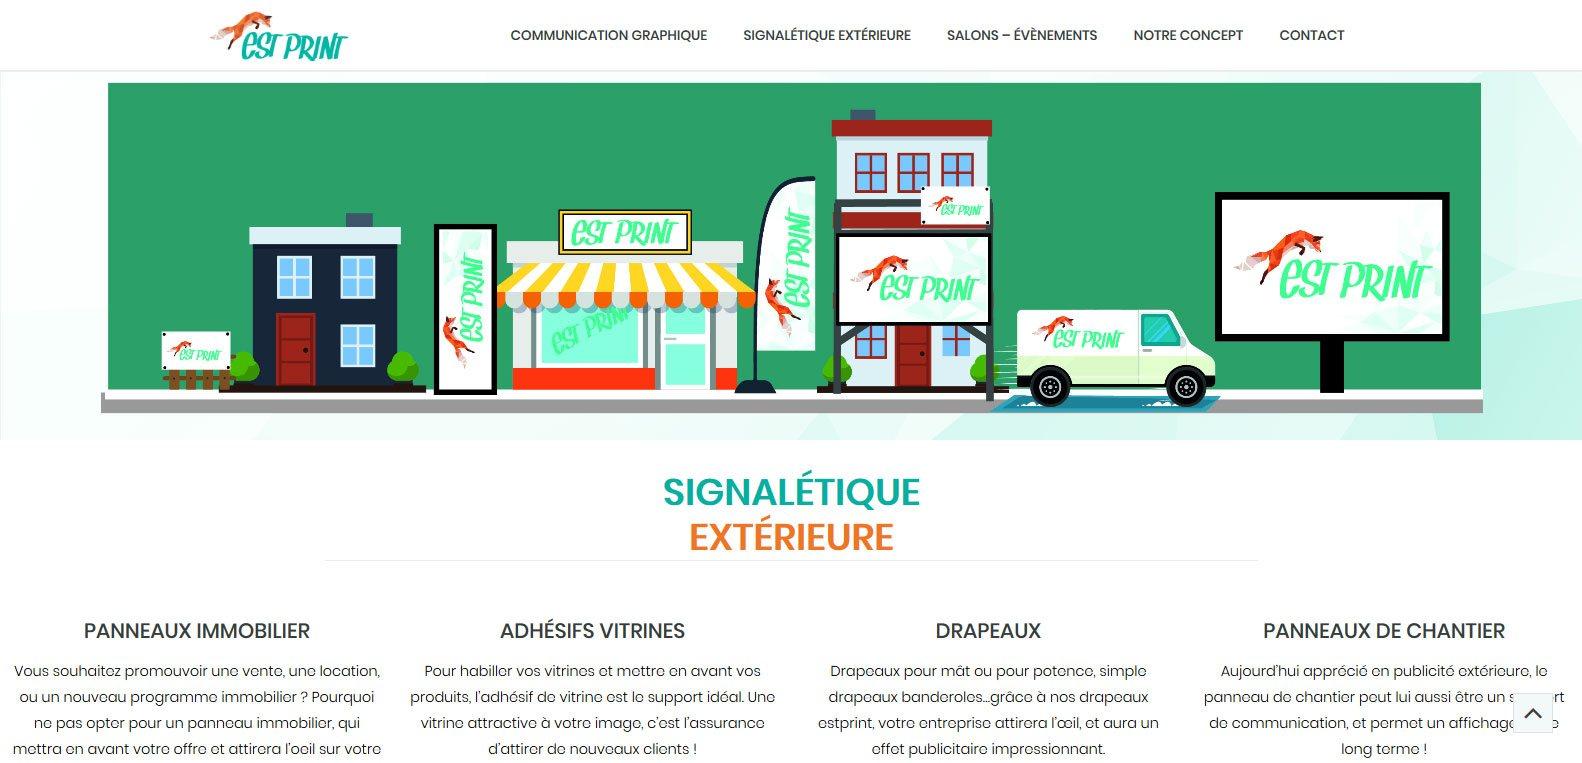 Signalétique extérieure réalisé par estprint, client Karedess agence web situé à Mulhouse